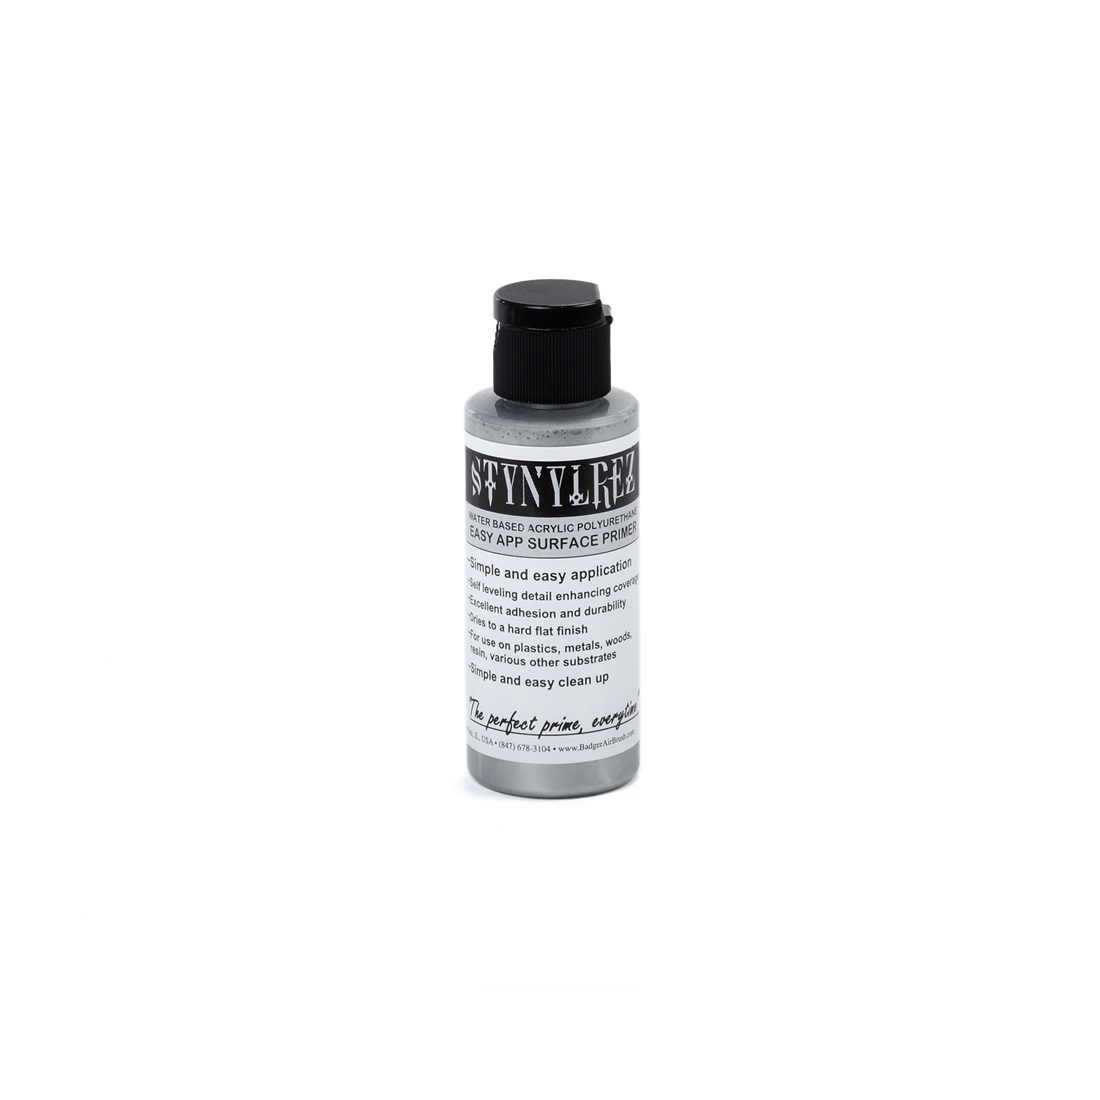 212-Stynylrez metallo-60ml